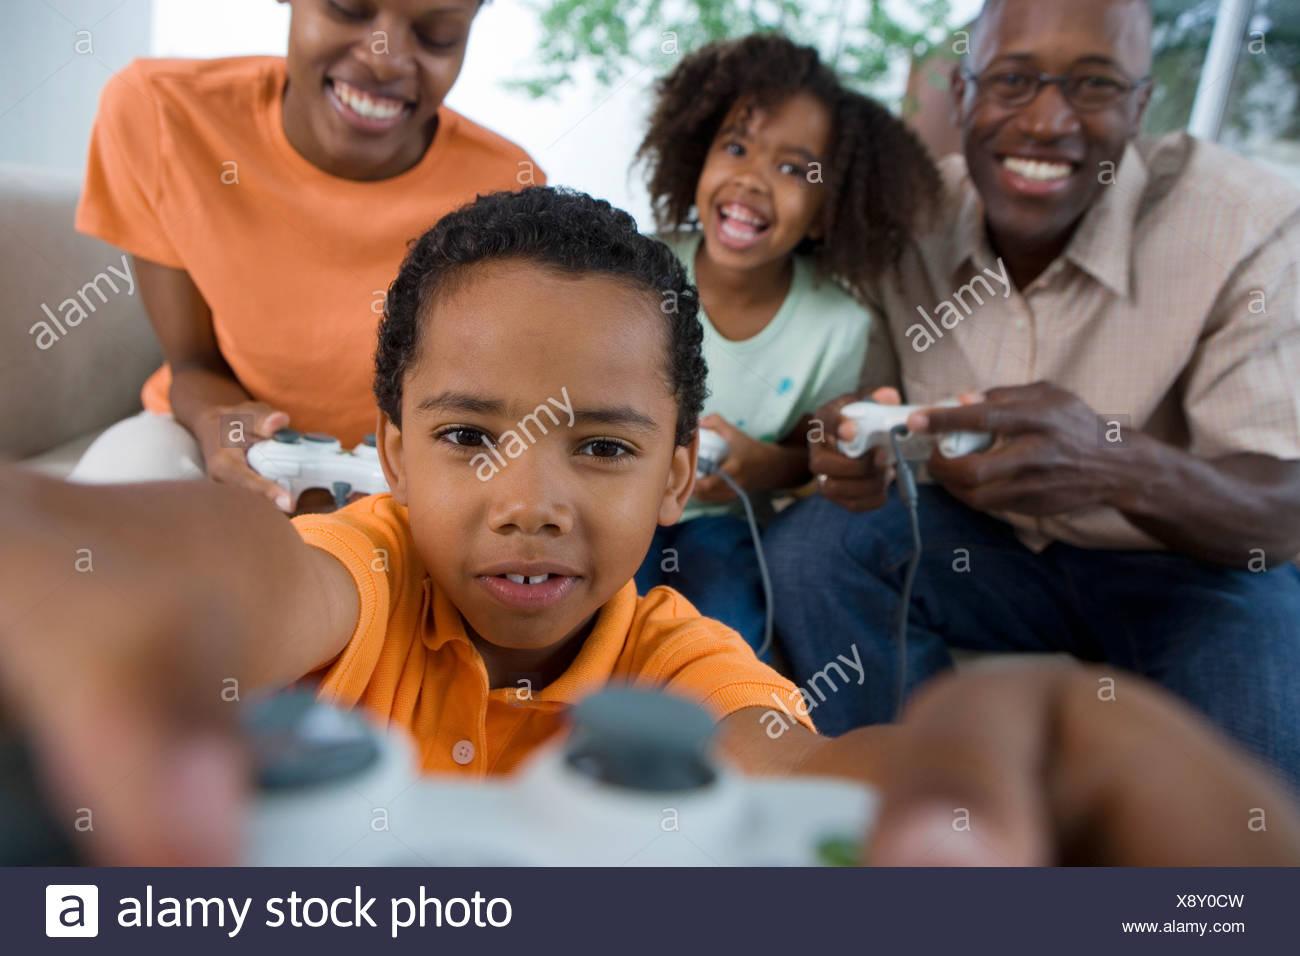 Familia Jugando Juegos De Video Consola En Sofa En Casa Sonriente